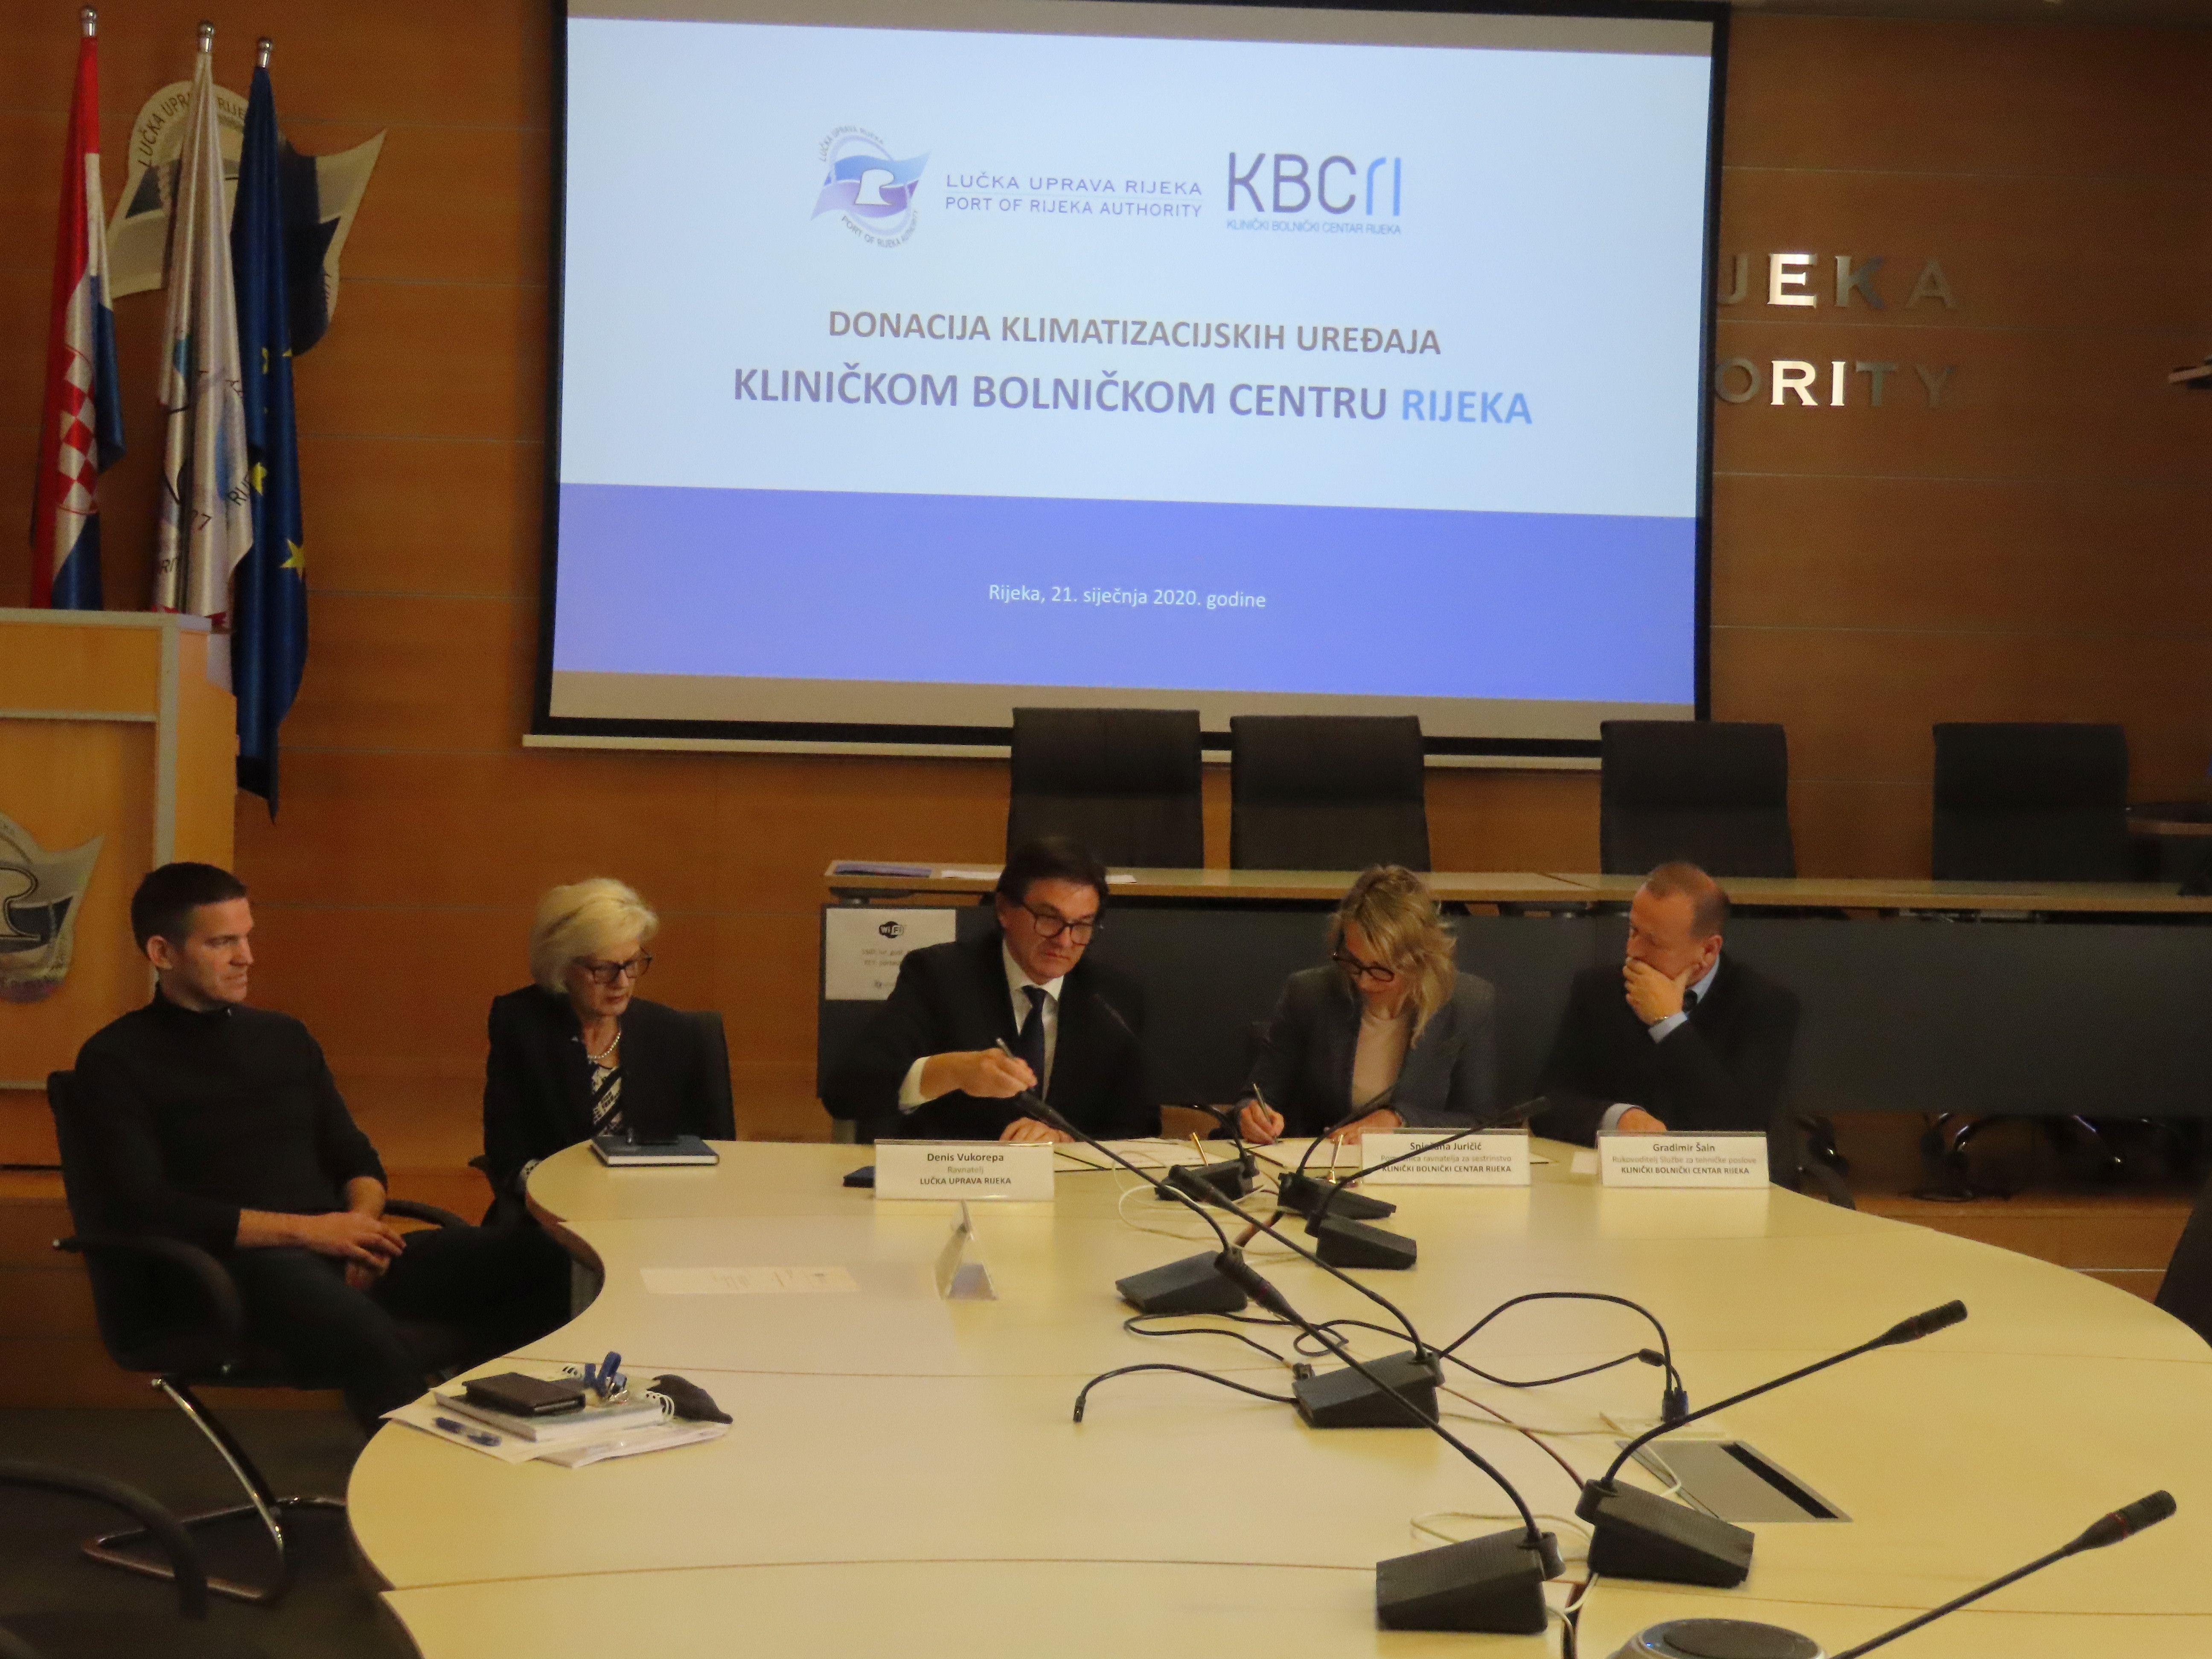 Donacija klimatizacijskih uređaja Kliničkom bolničkom centru Rijeka